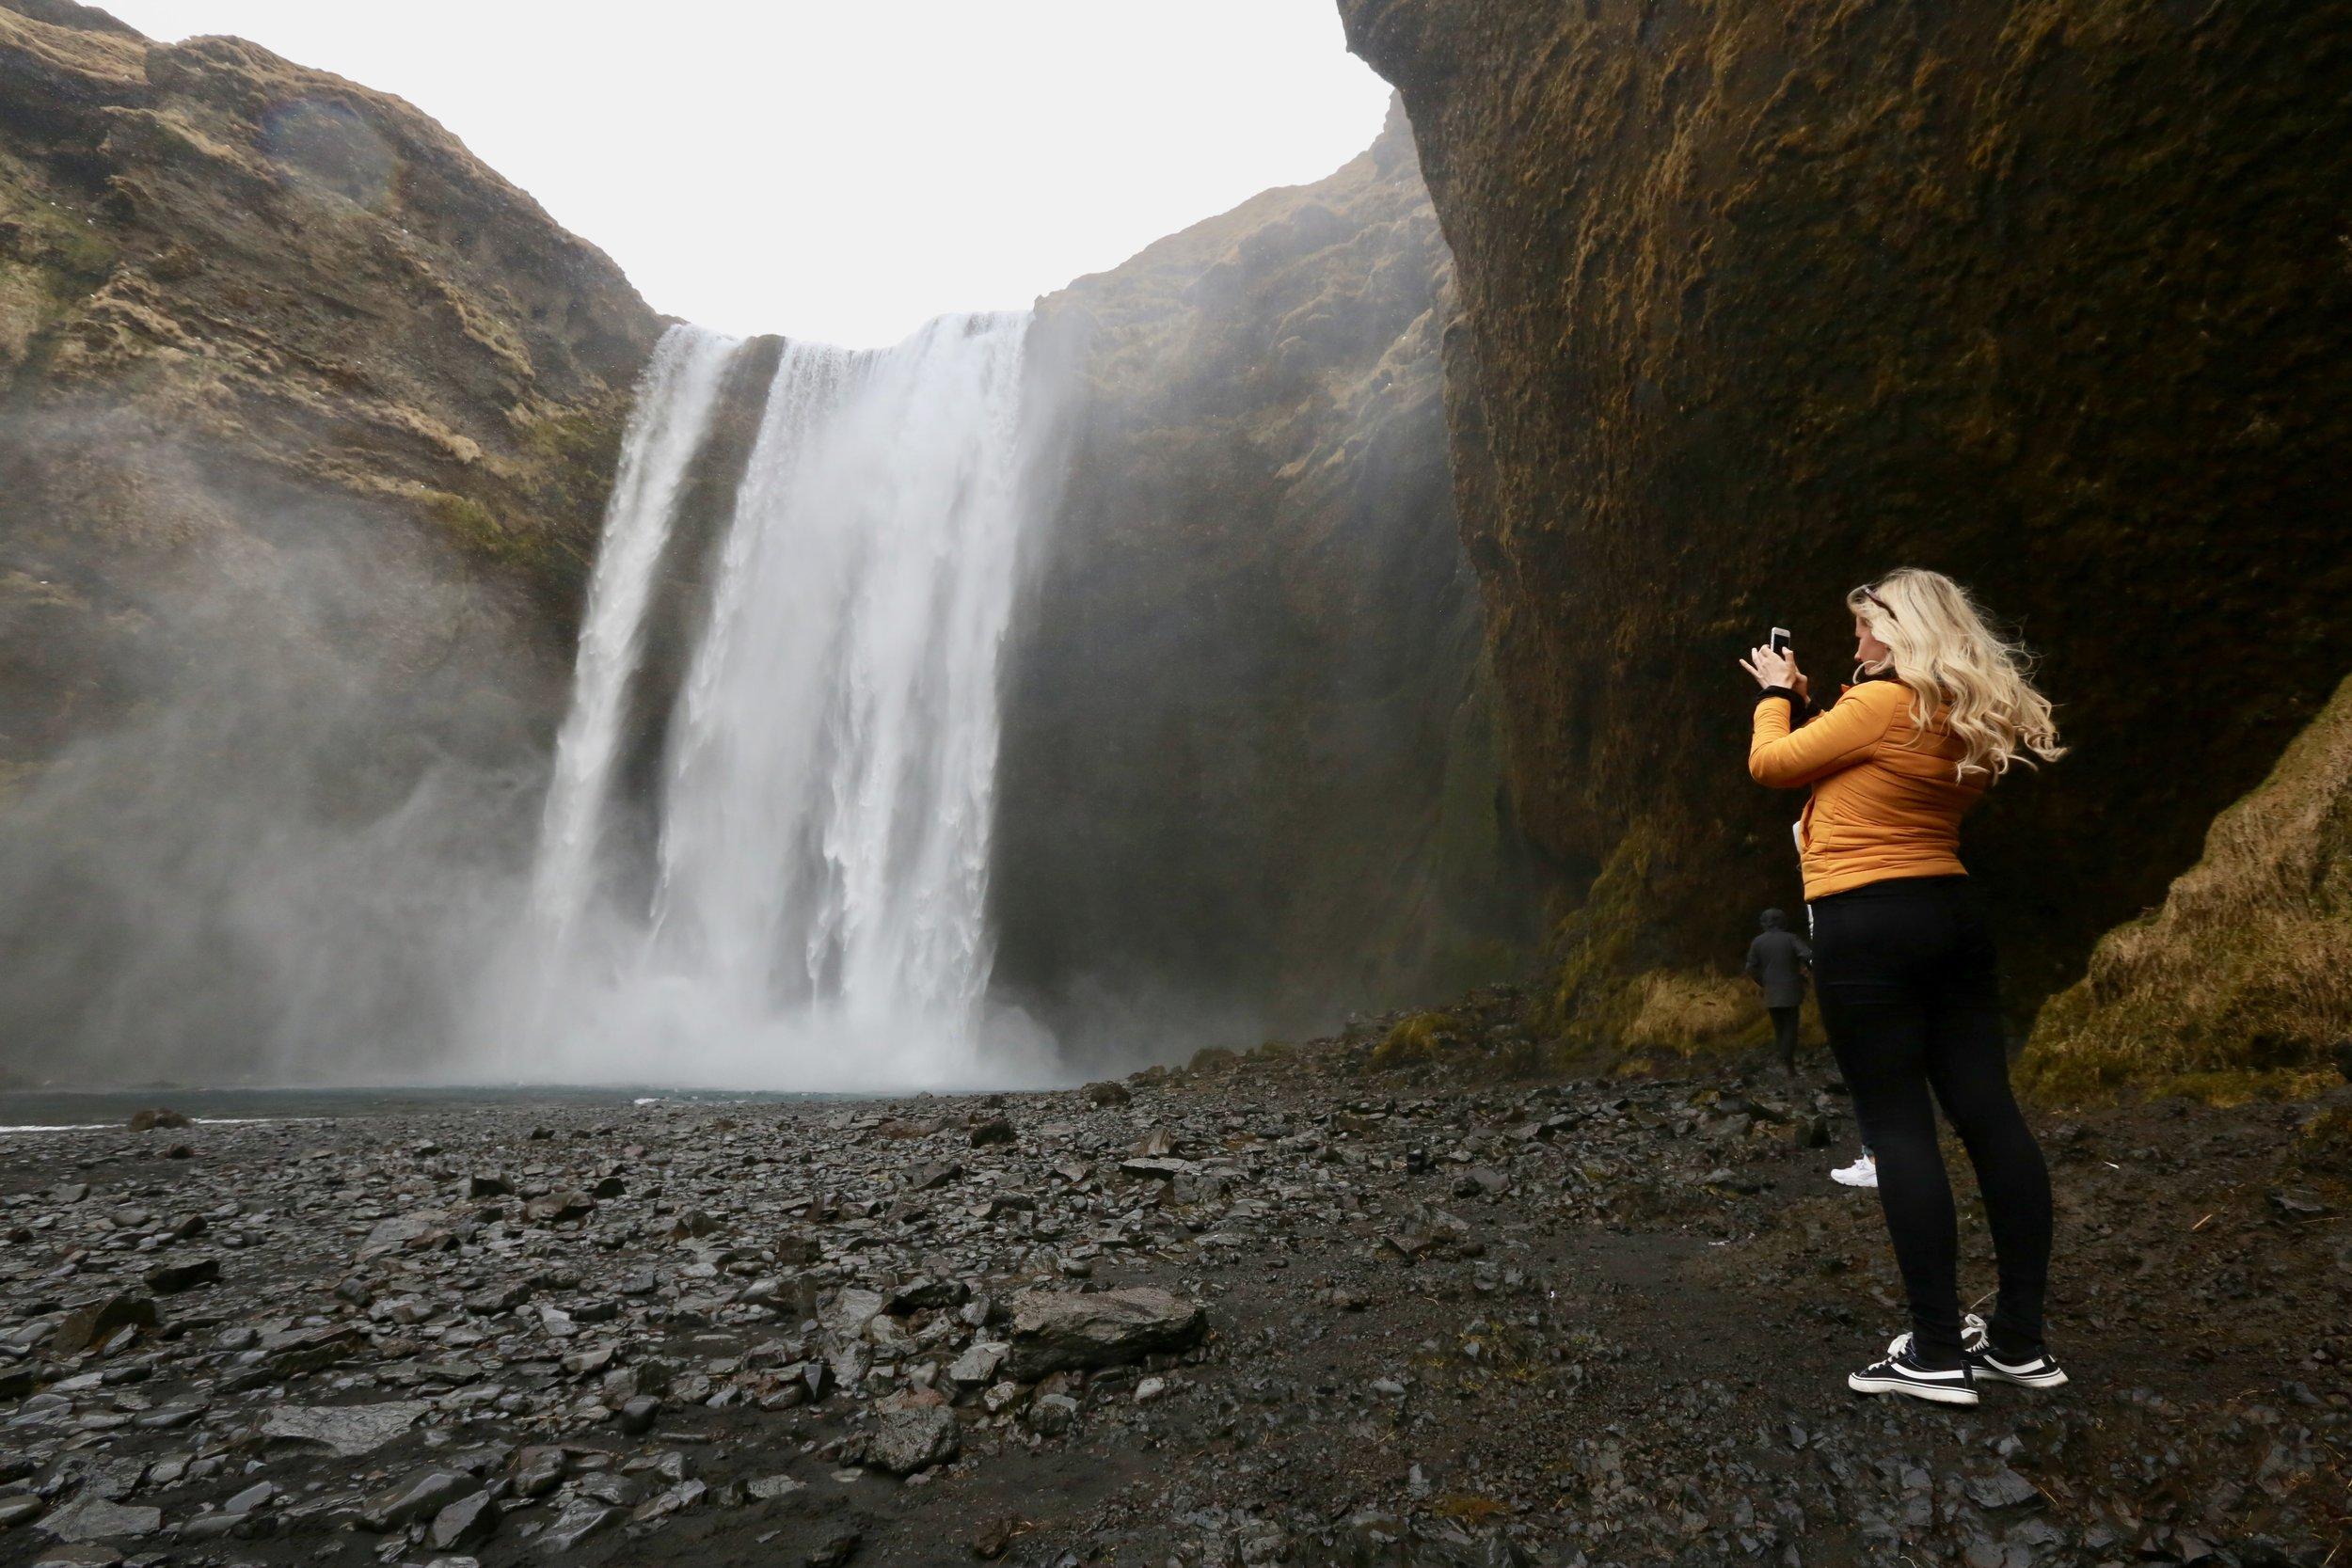 Velkommen til Island og de gode opplevelsene. Foto: Odd Roar Lange